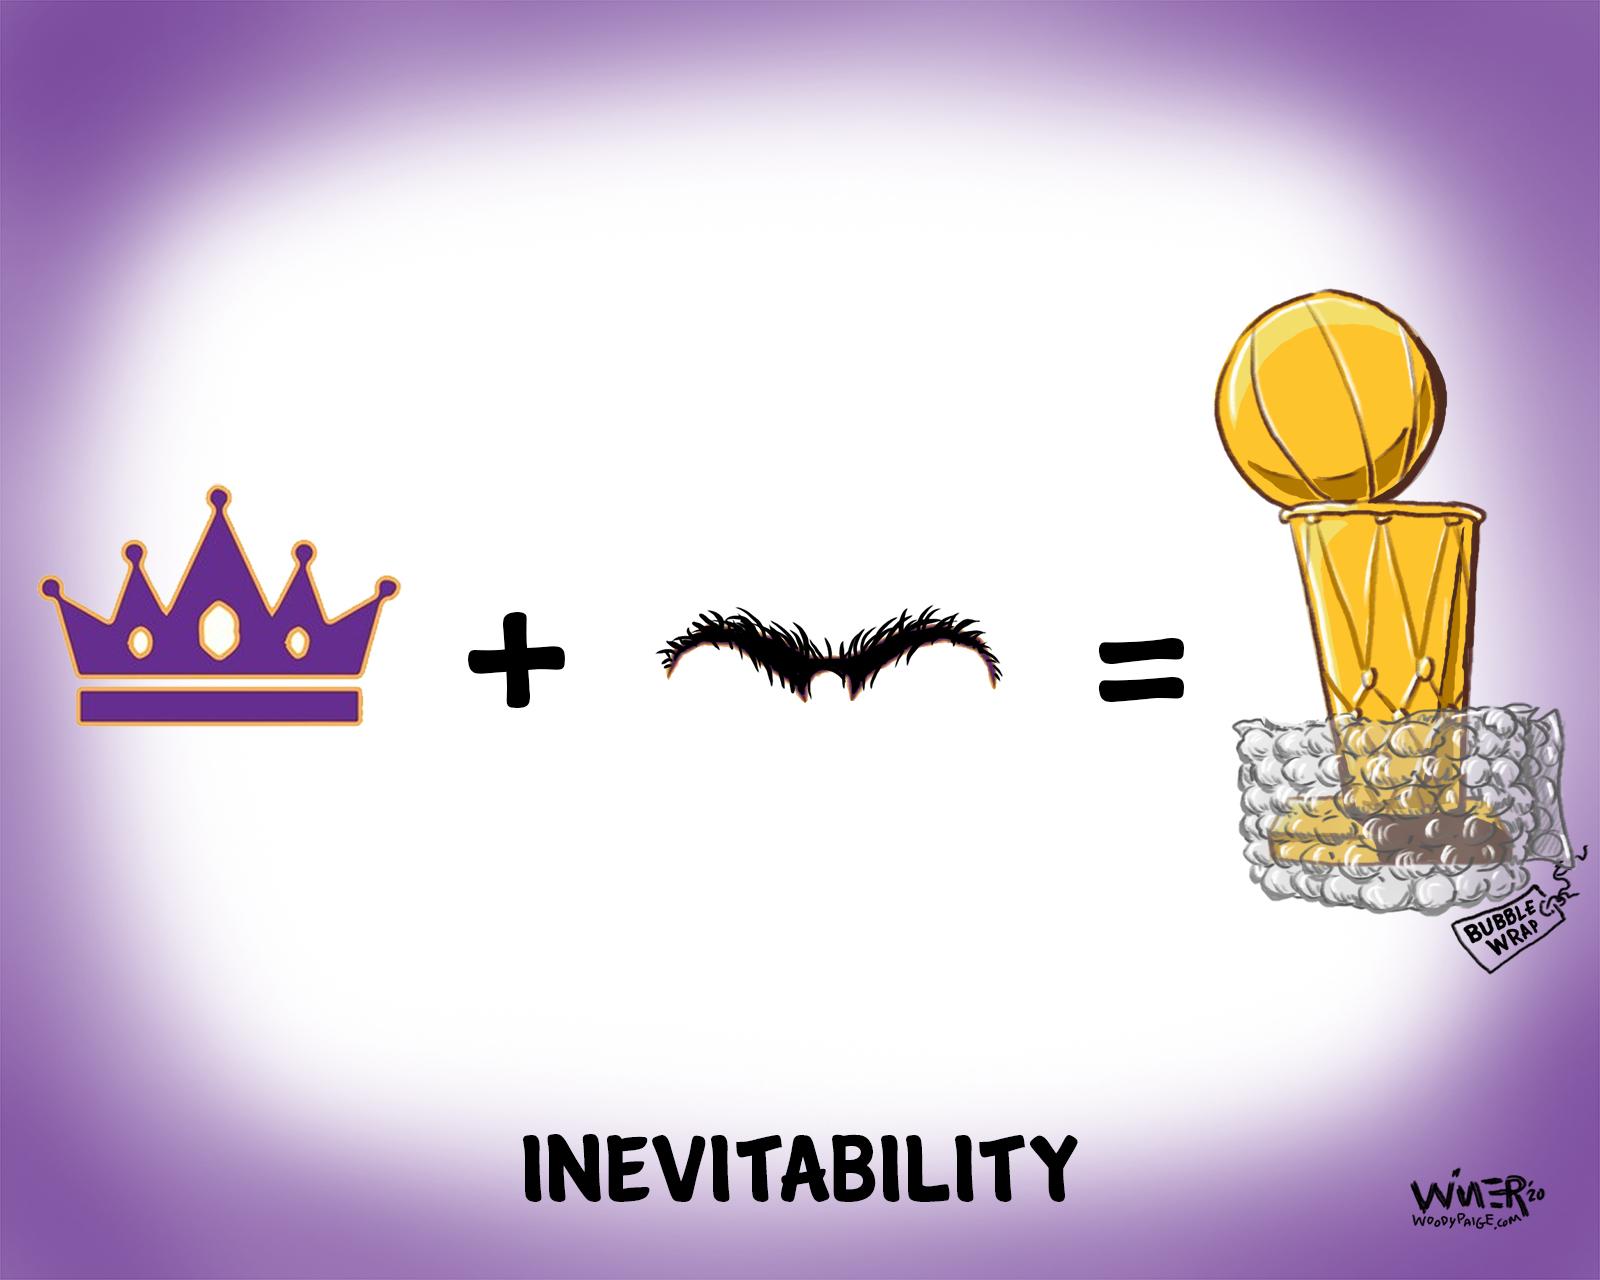 The King & Brow NBA Championship